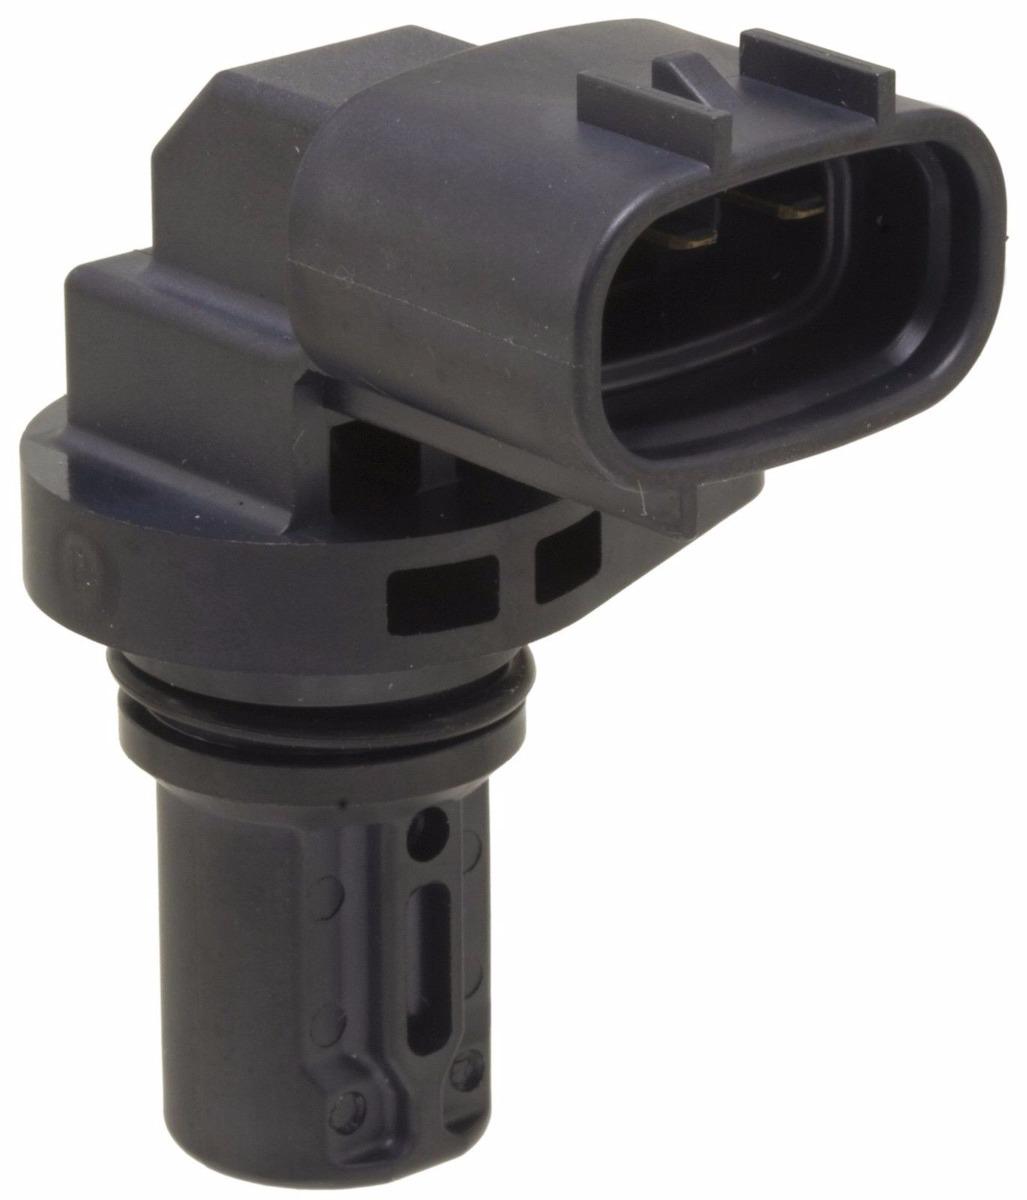 Sensor De Posicion De Cigueñal Suzuki Kizashi 2.4 Mod 10